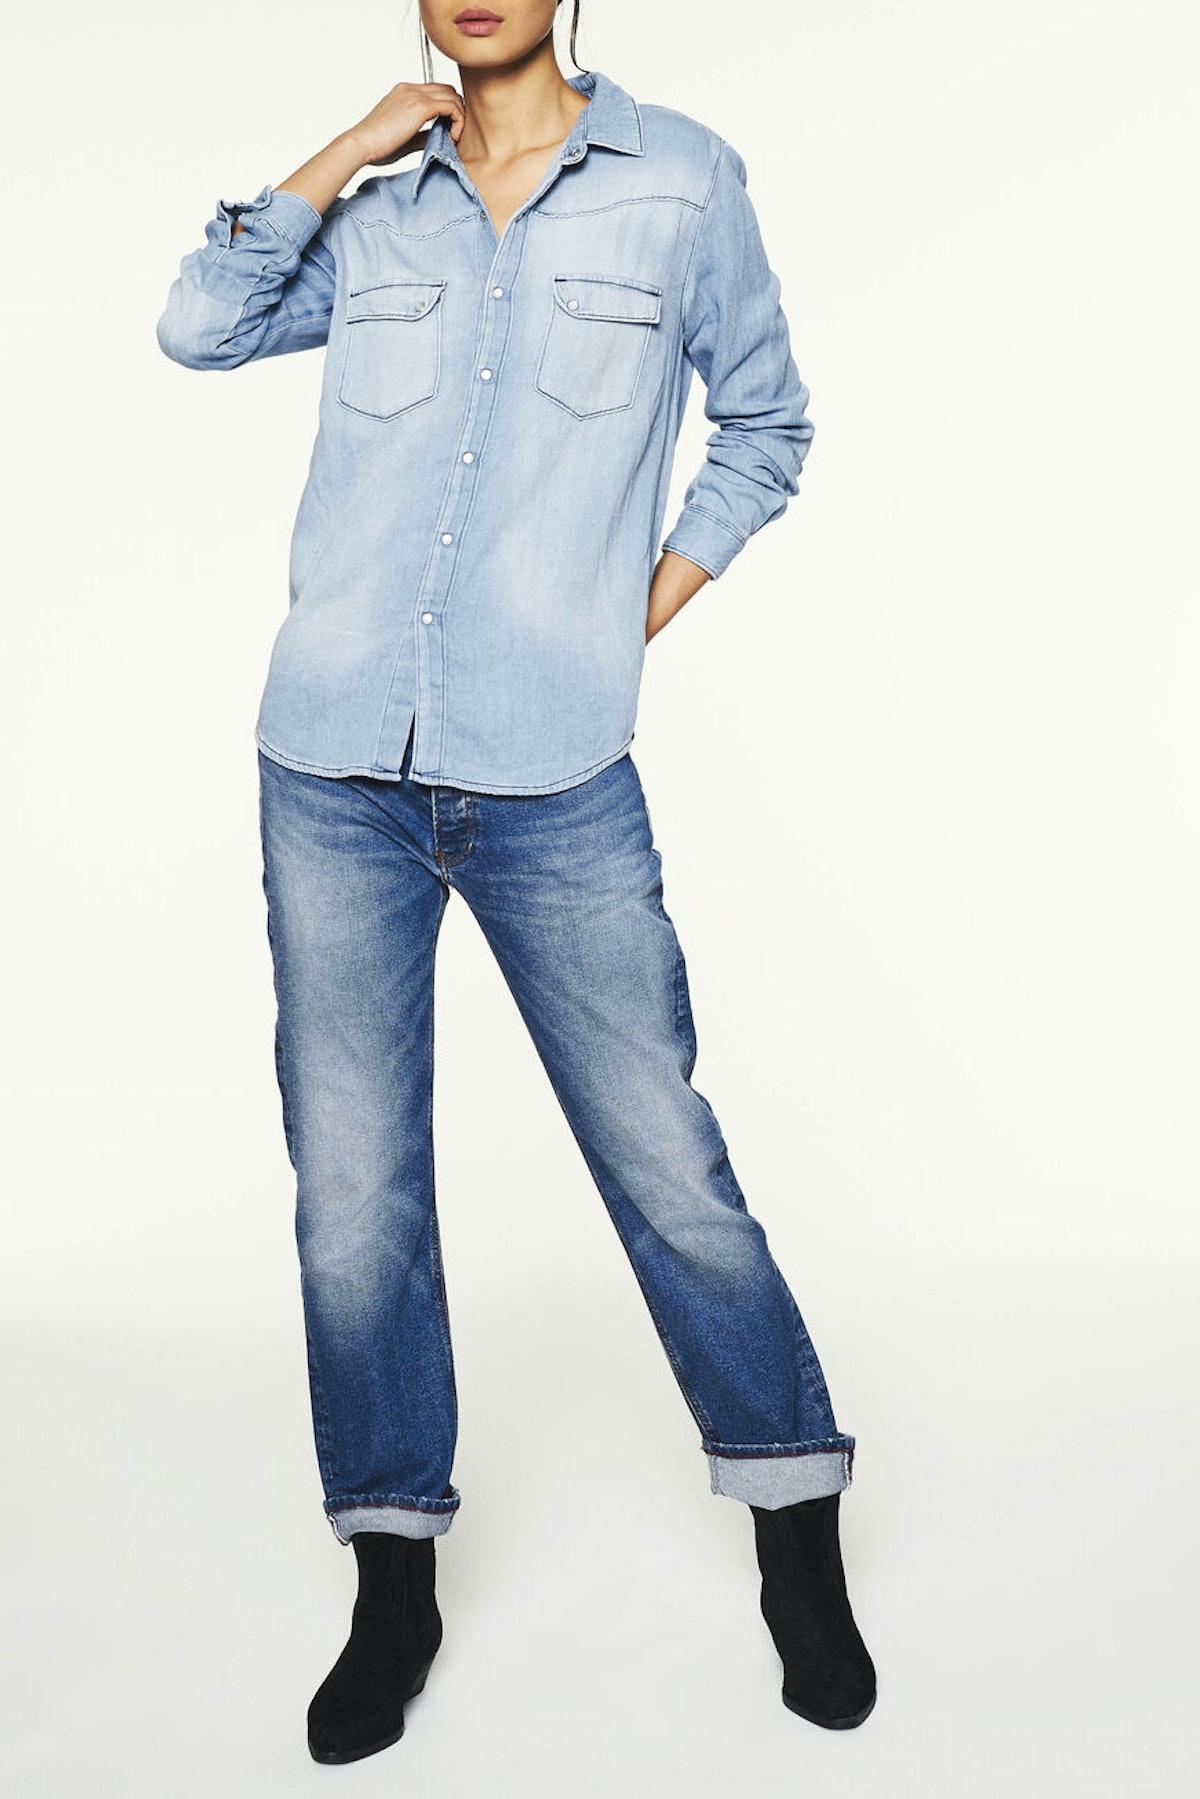 shirt bridget. DENIM SHIRT